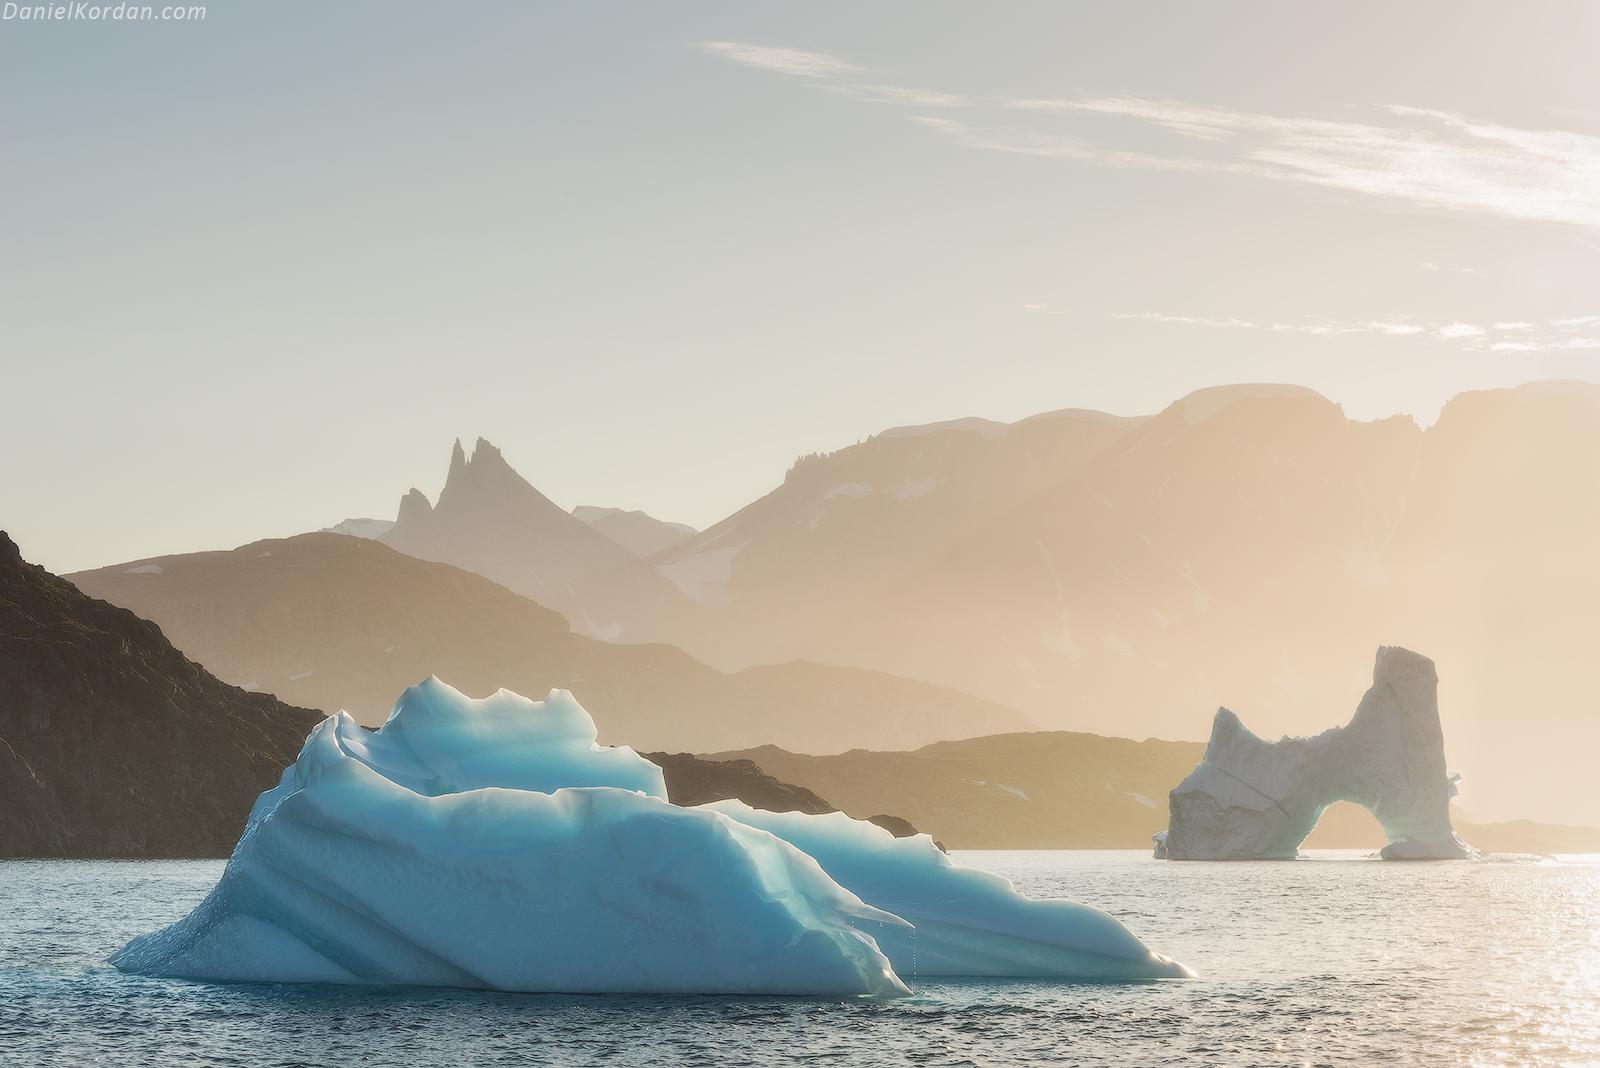 West Greenland Photo Workshop in Disko Bay | Sailing on Schooner - day 7